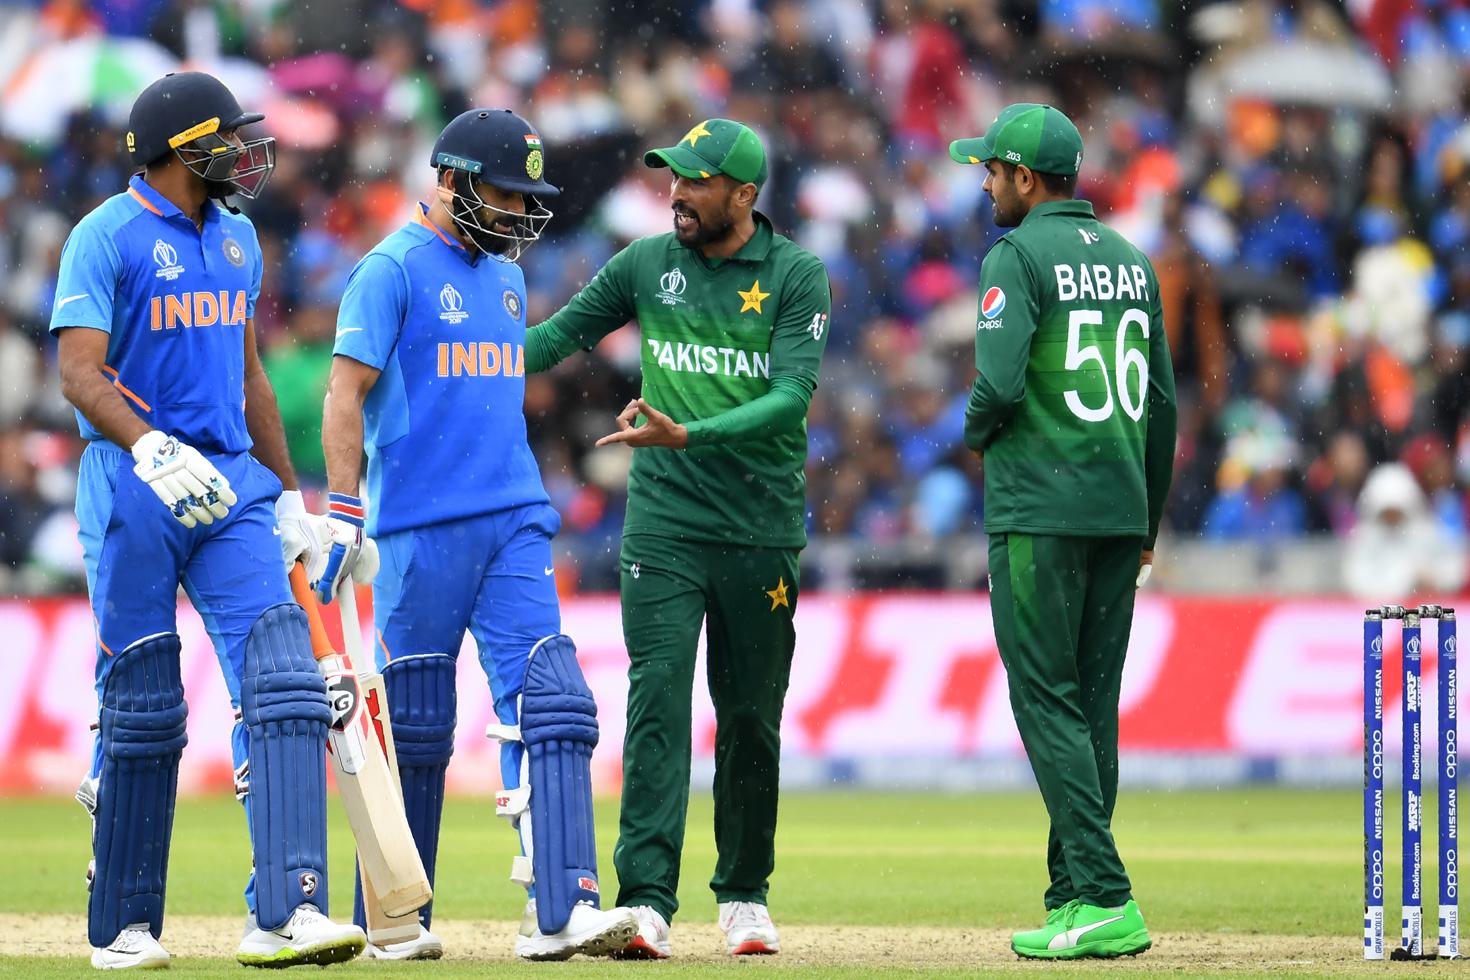 ভারতকে হারালে পাকিস্তানি ক্রিকেটারদের 'ব্ল্যাংক চেক'